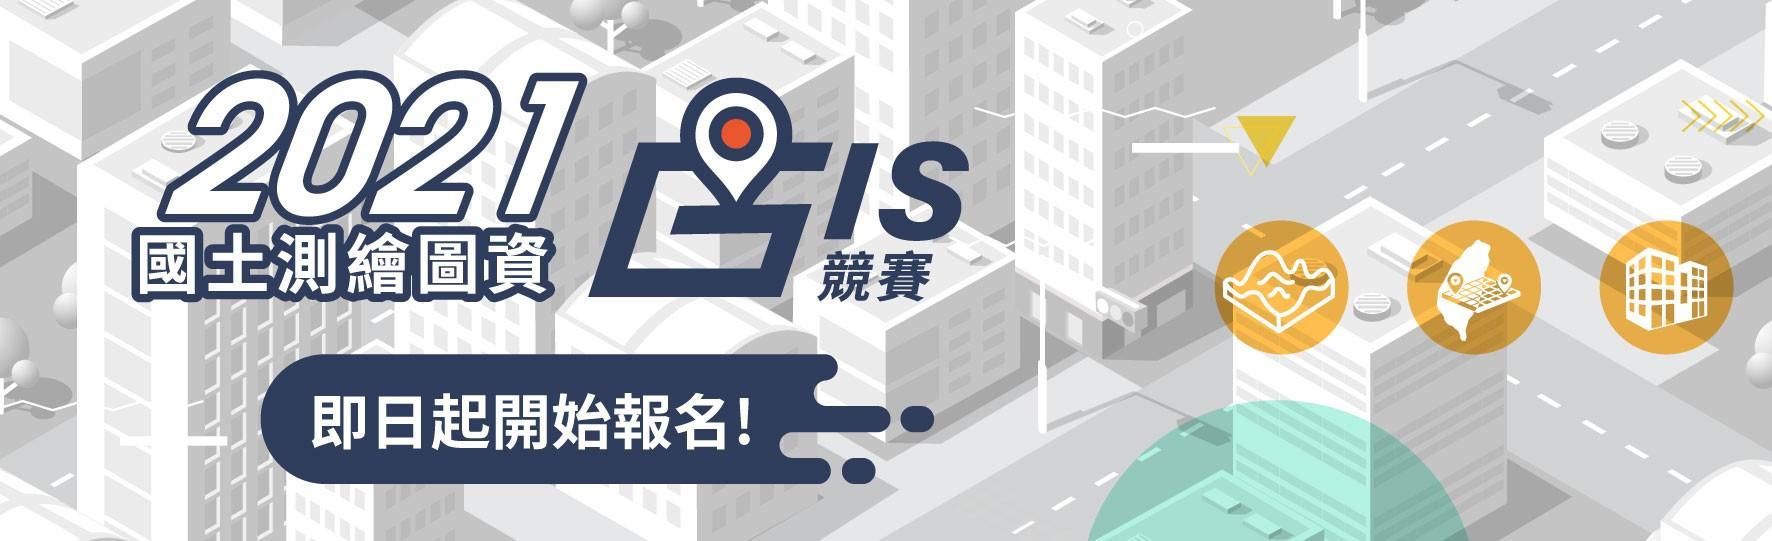 連結人與地的距離 國土測繪圖資GIS競賽開跑 首獎25萬元